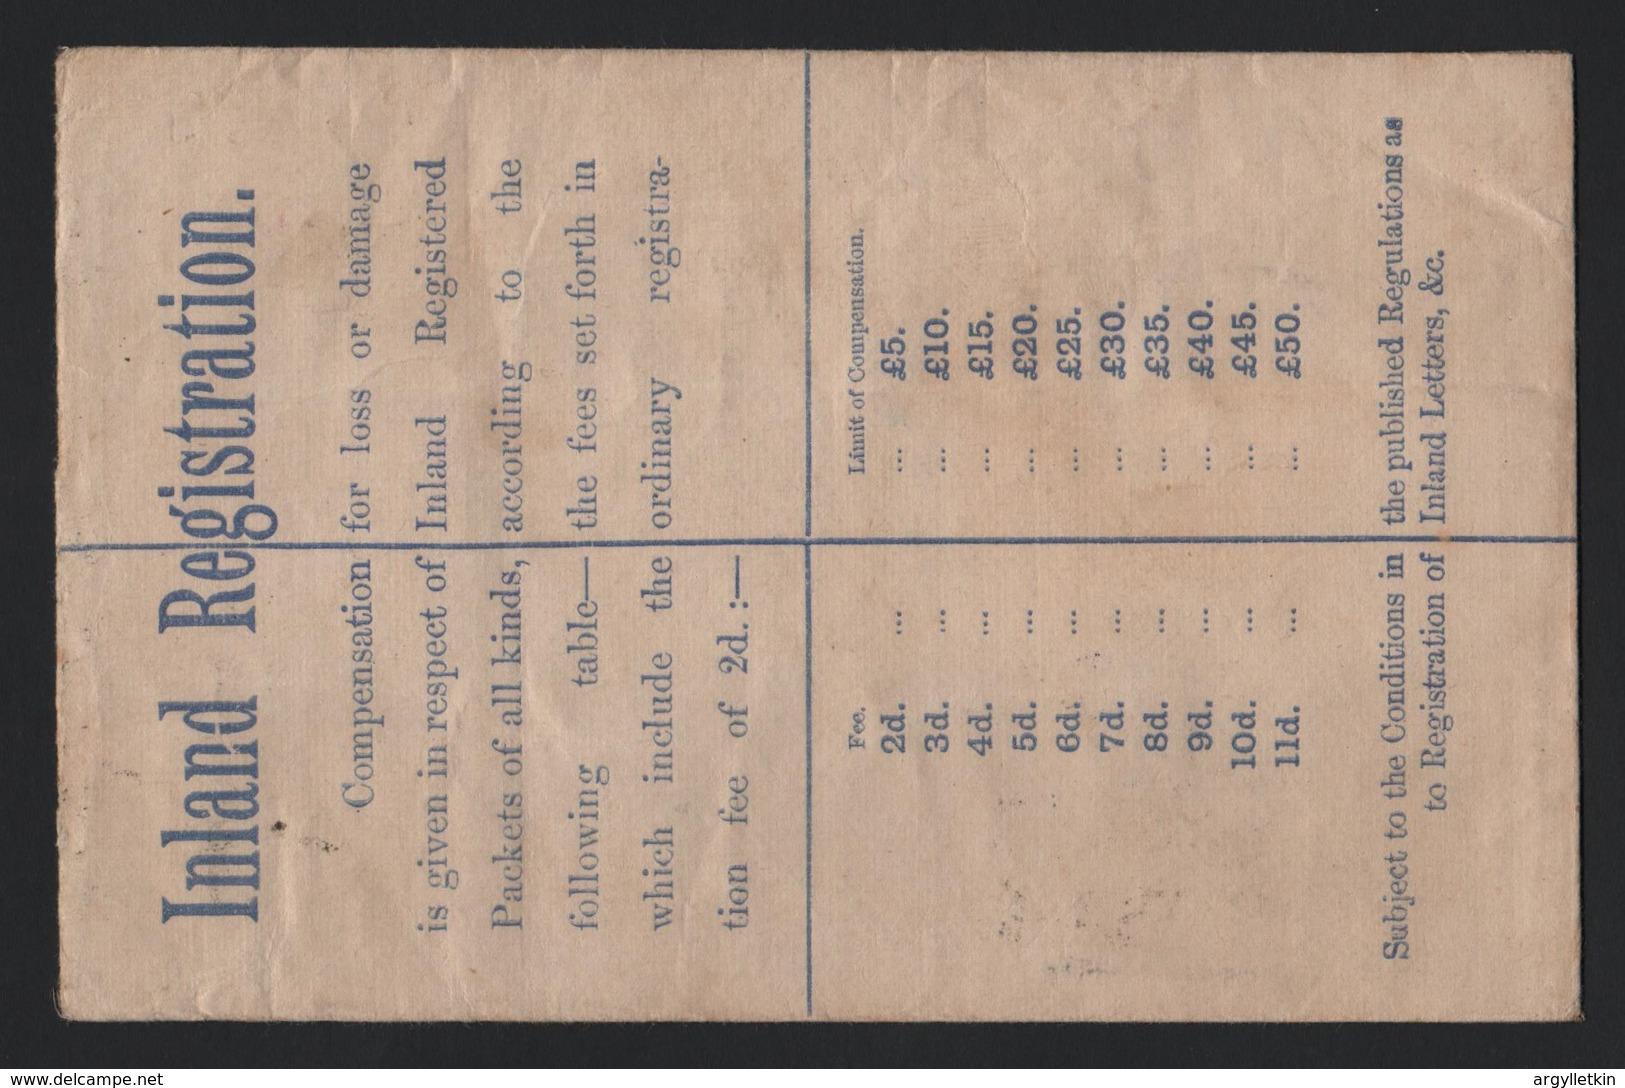 NIGER COAST REGISTERED ENVELOPE LIVERPOOL 1897 - Africa (Other)